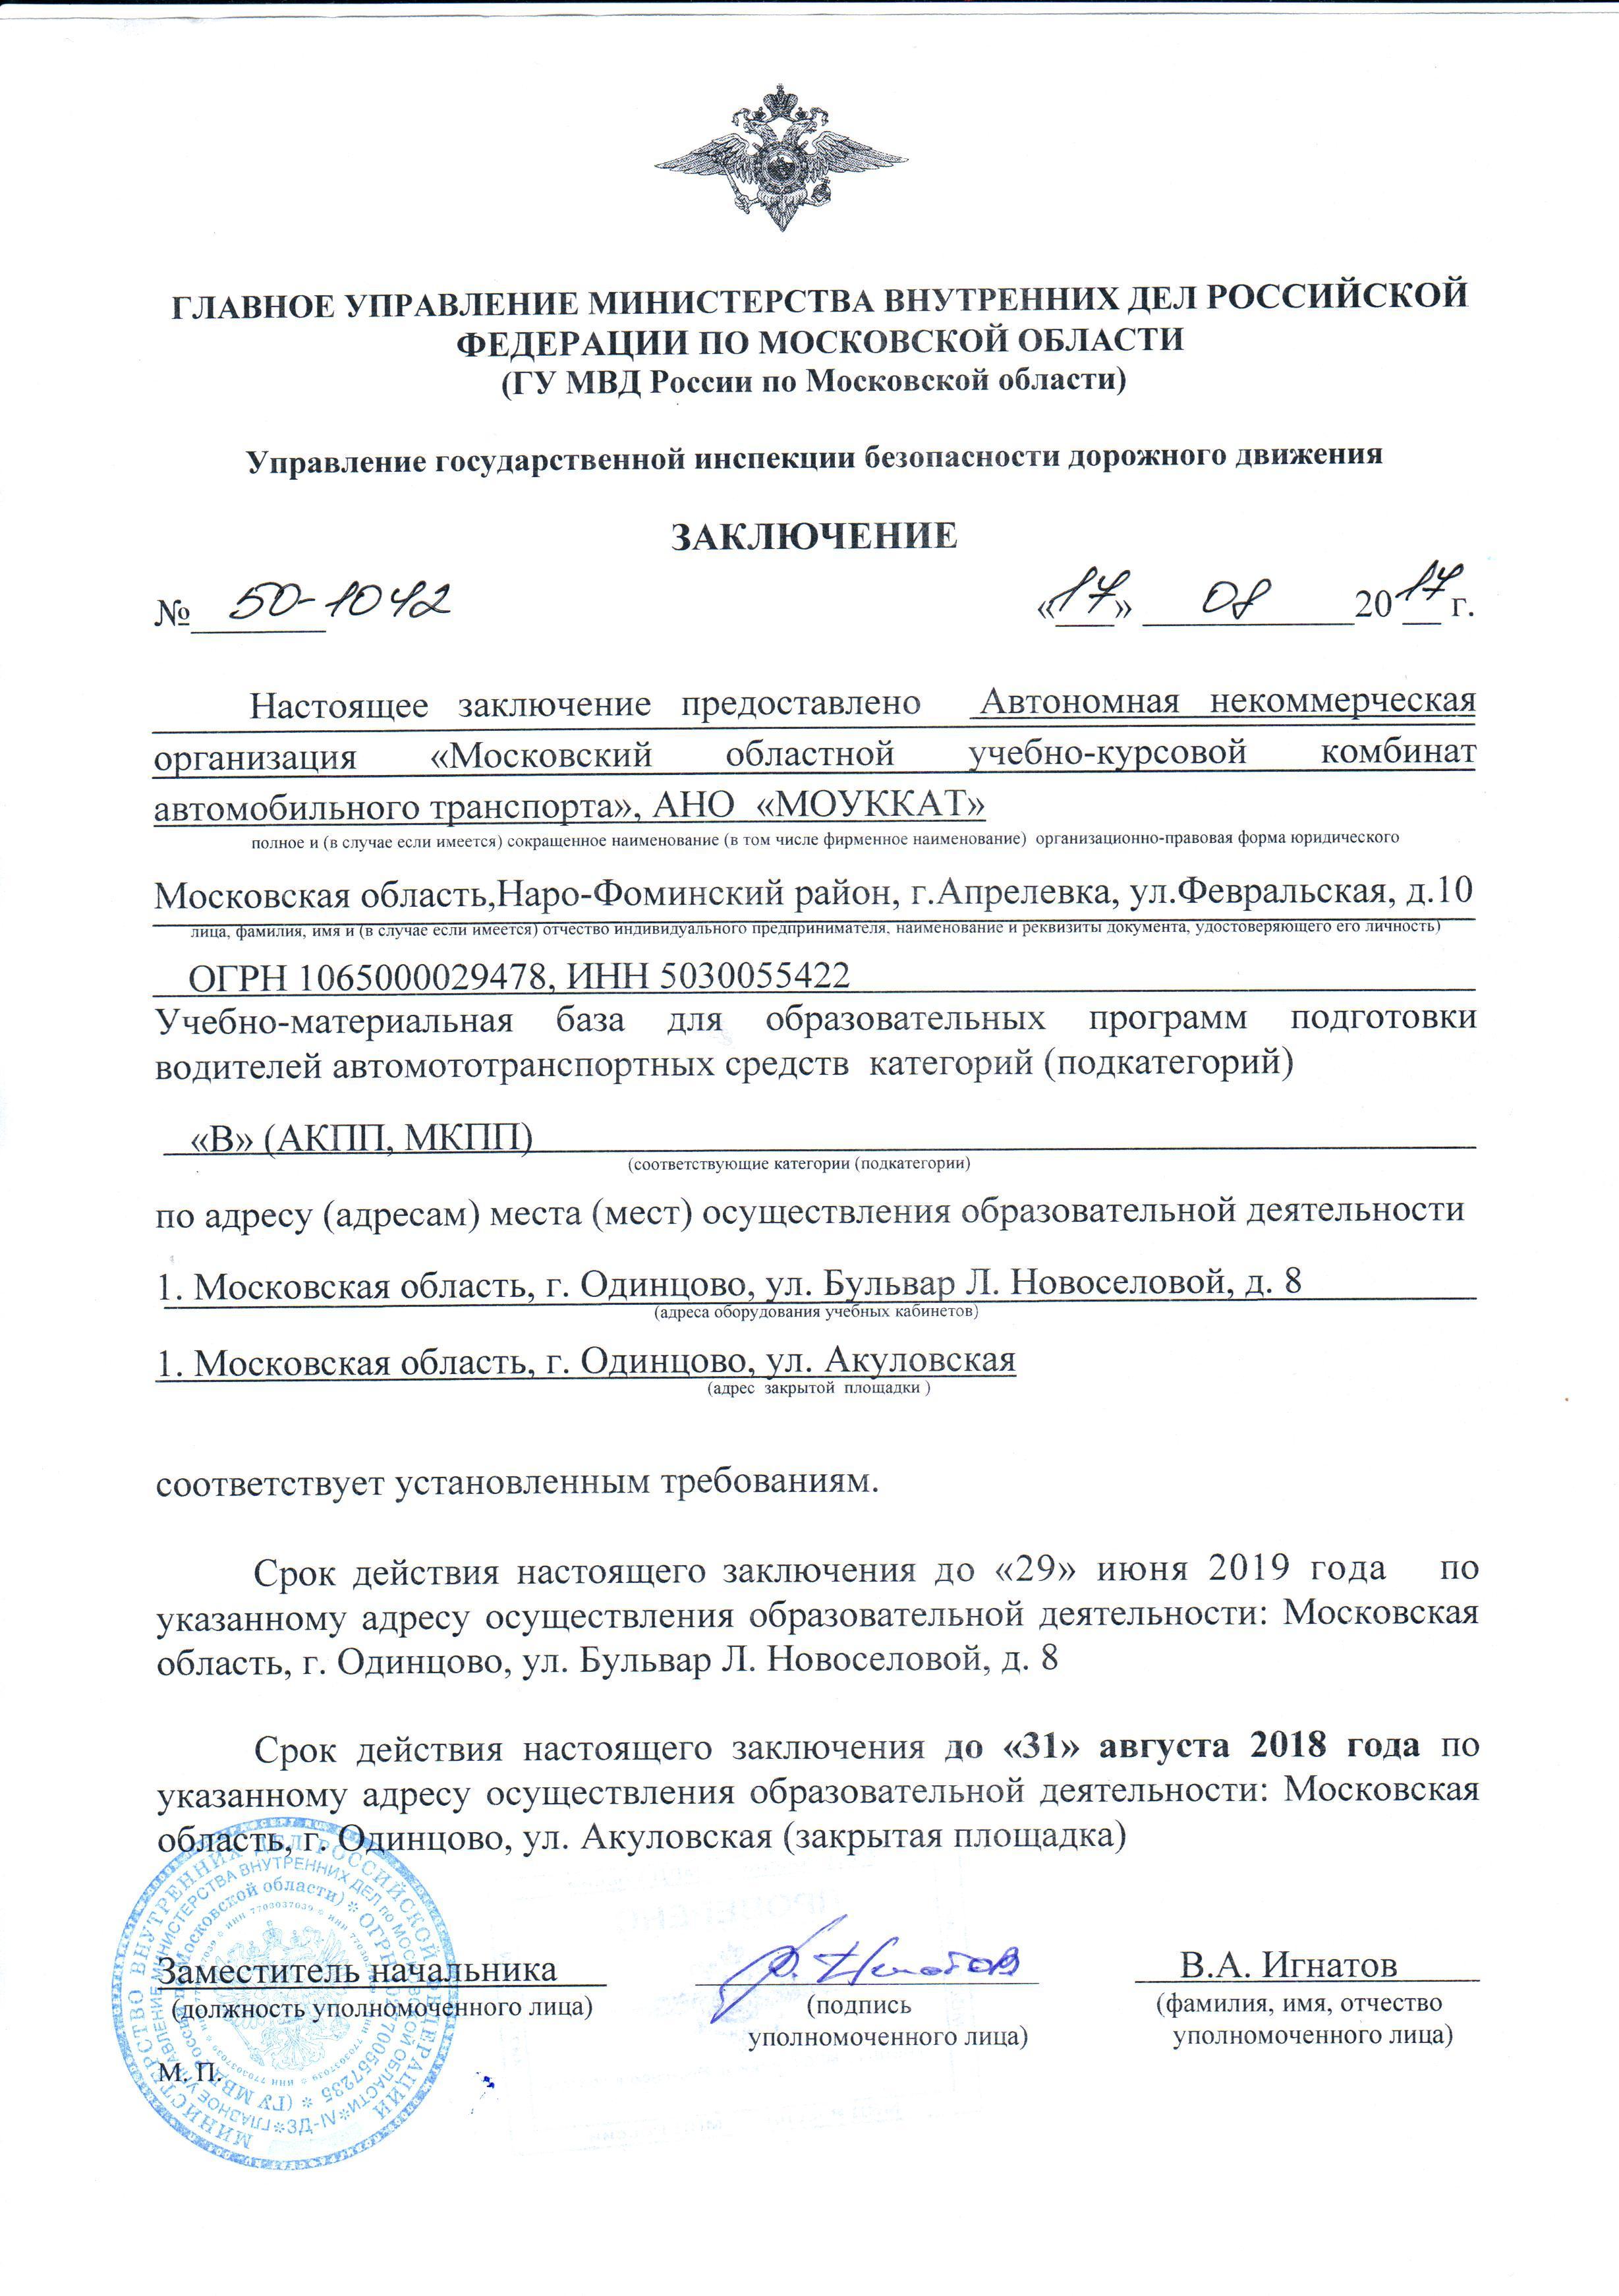 zakl_odincovo